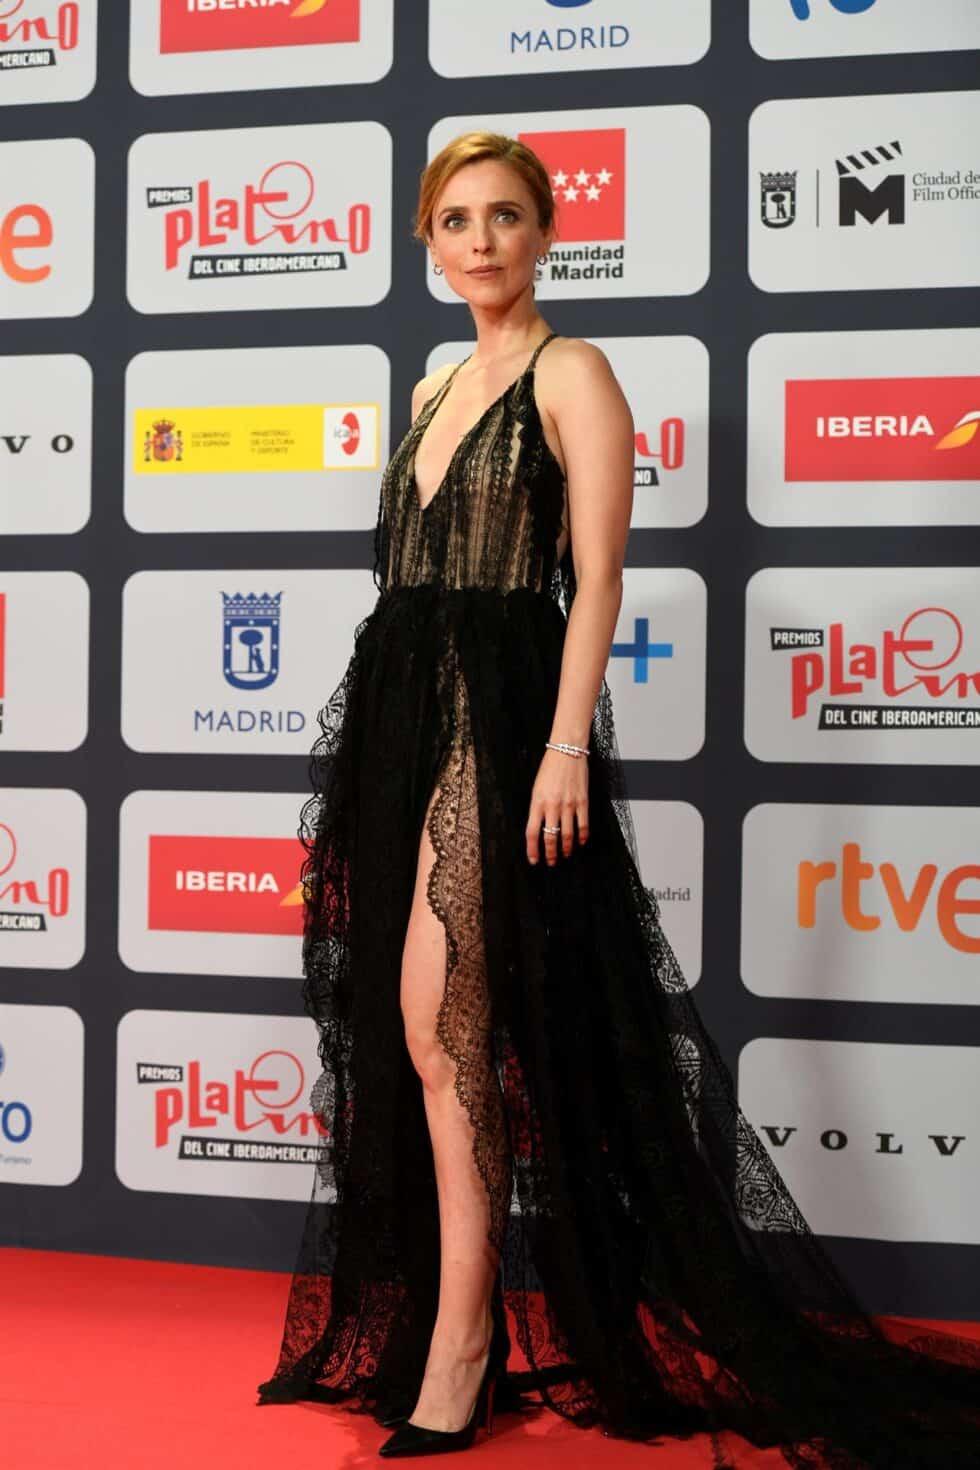 La actriz y directora Leticia Dolera a su llegada a la ceremonia de entrega de los Premios Platino del Cine y el Audiovisual Iberoamericano que se celebra este domingo en Madrid